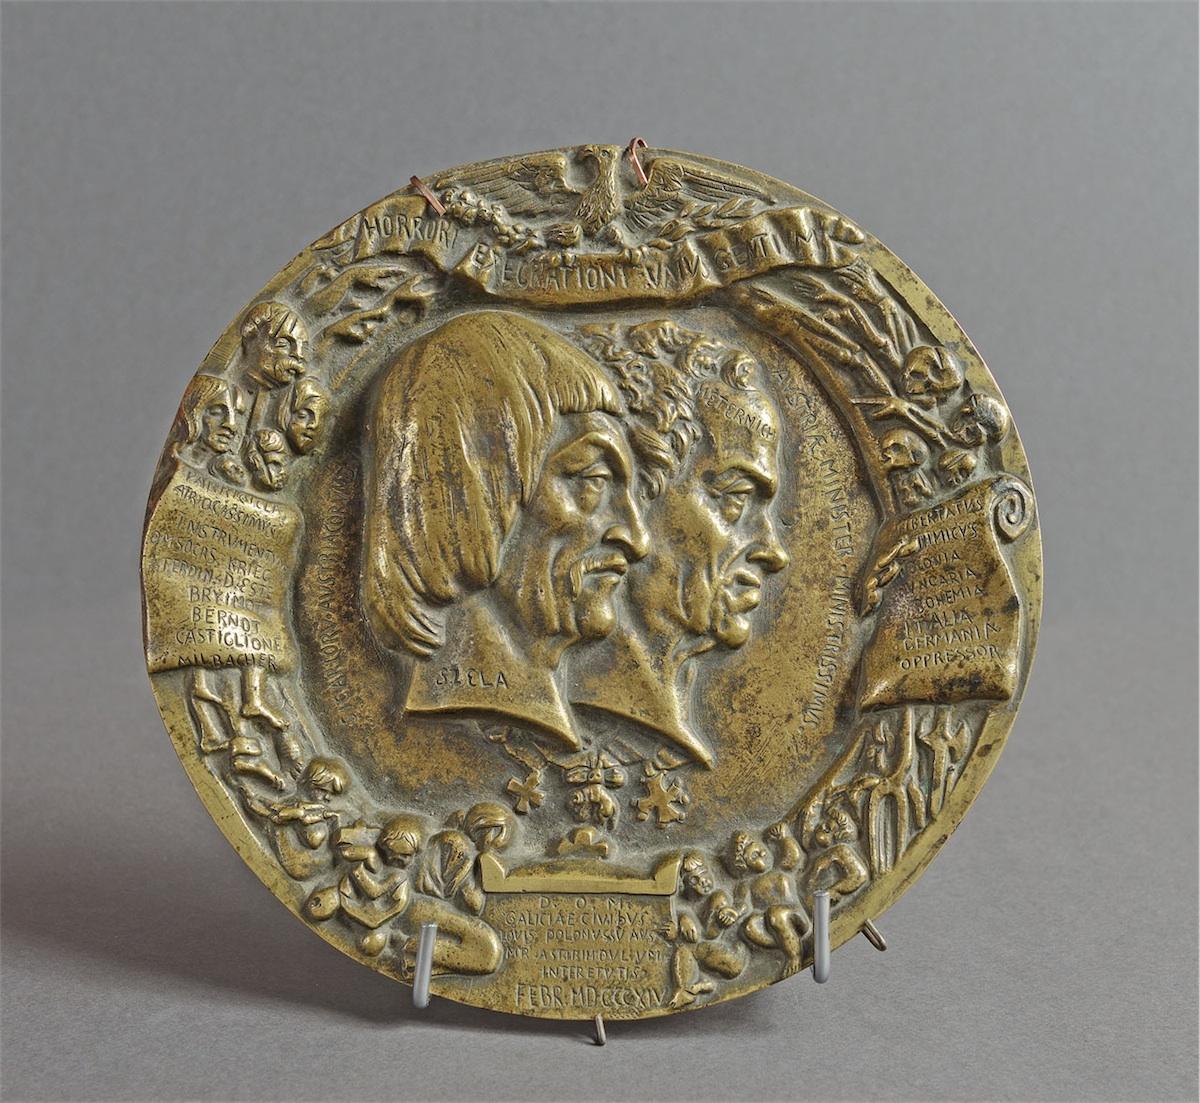 NA PAMIĄTKĘ RZEZI GALICYJSKIEJ 1846, Paryż